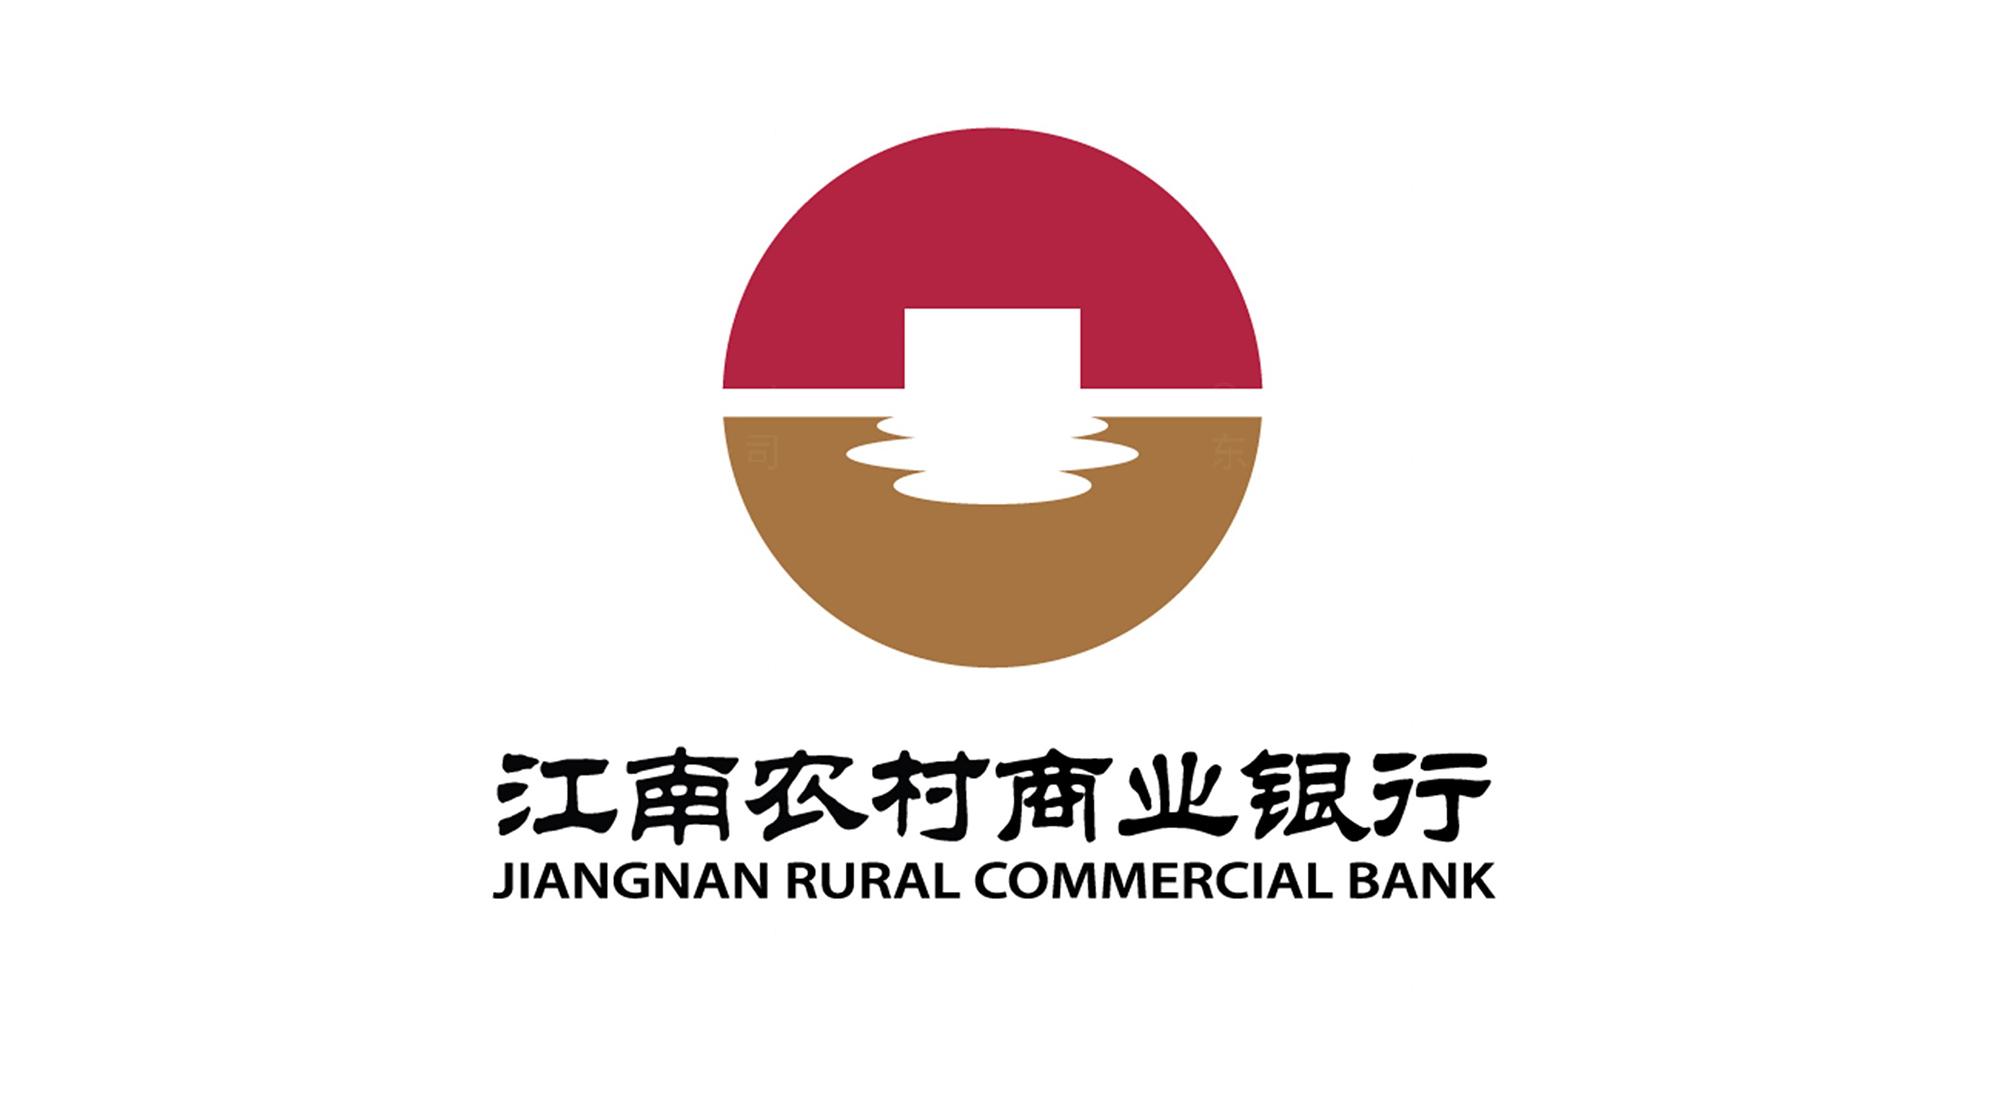 银行金融品牌设计江南农商行LOGO&VI设计